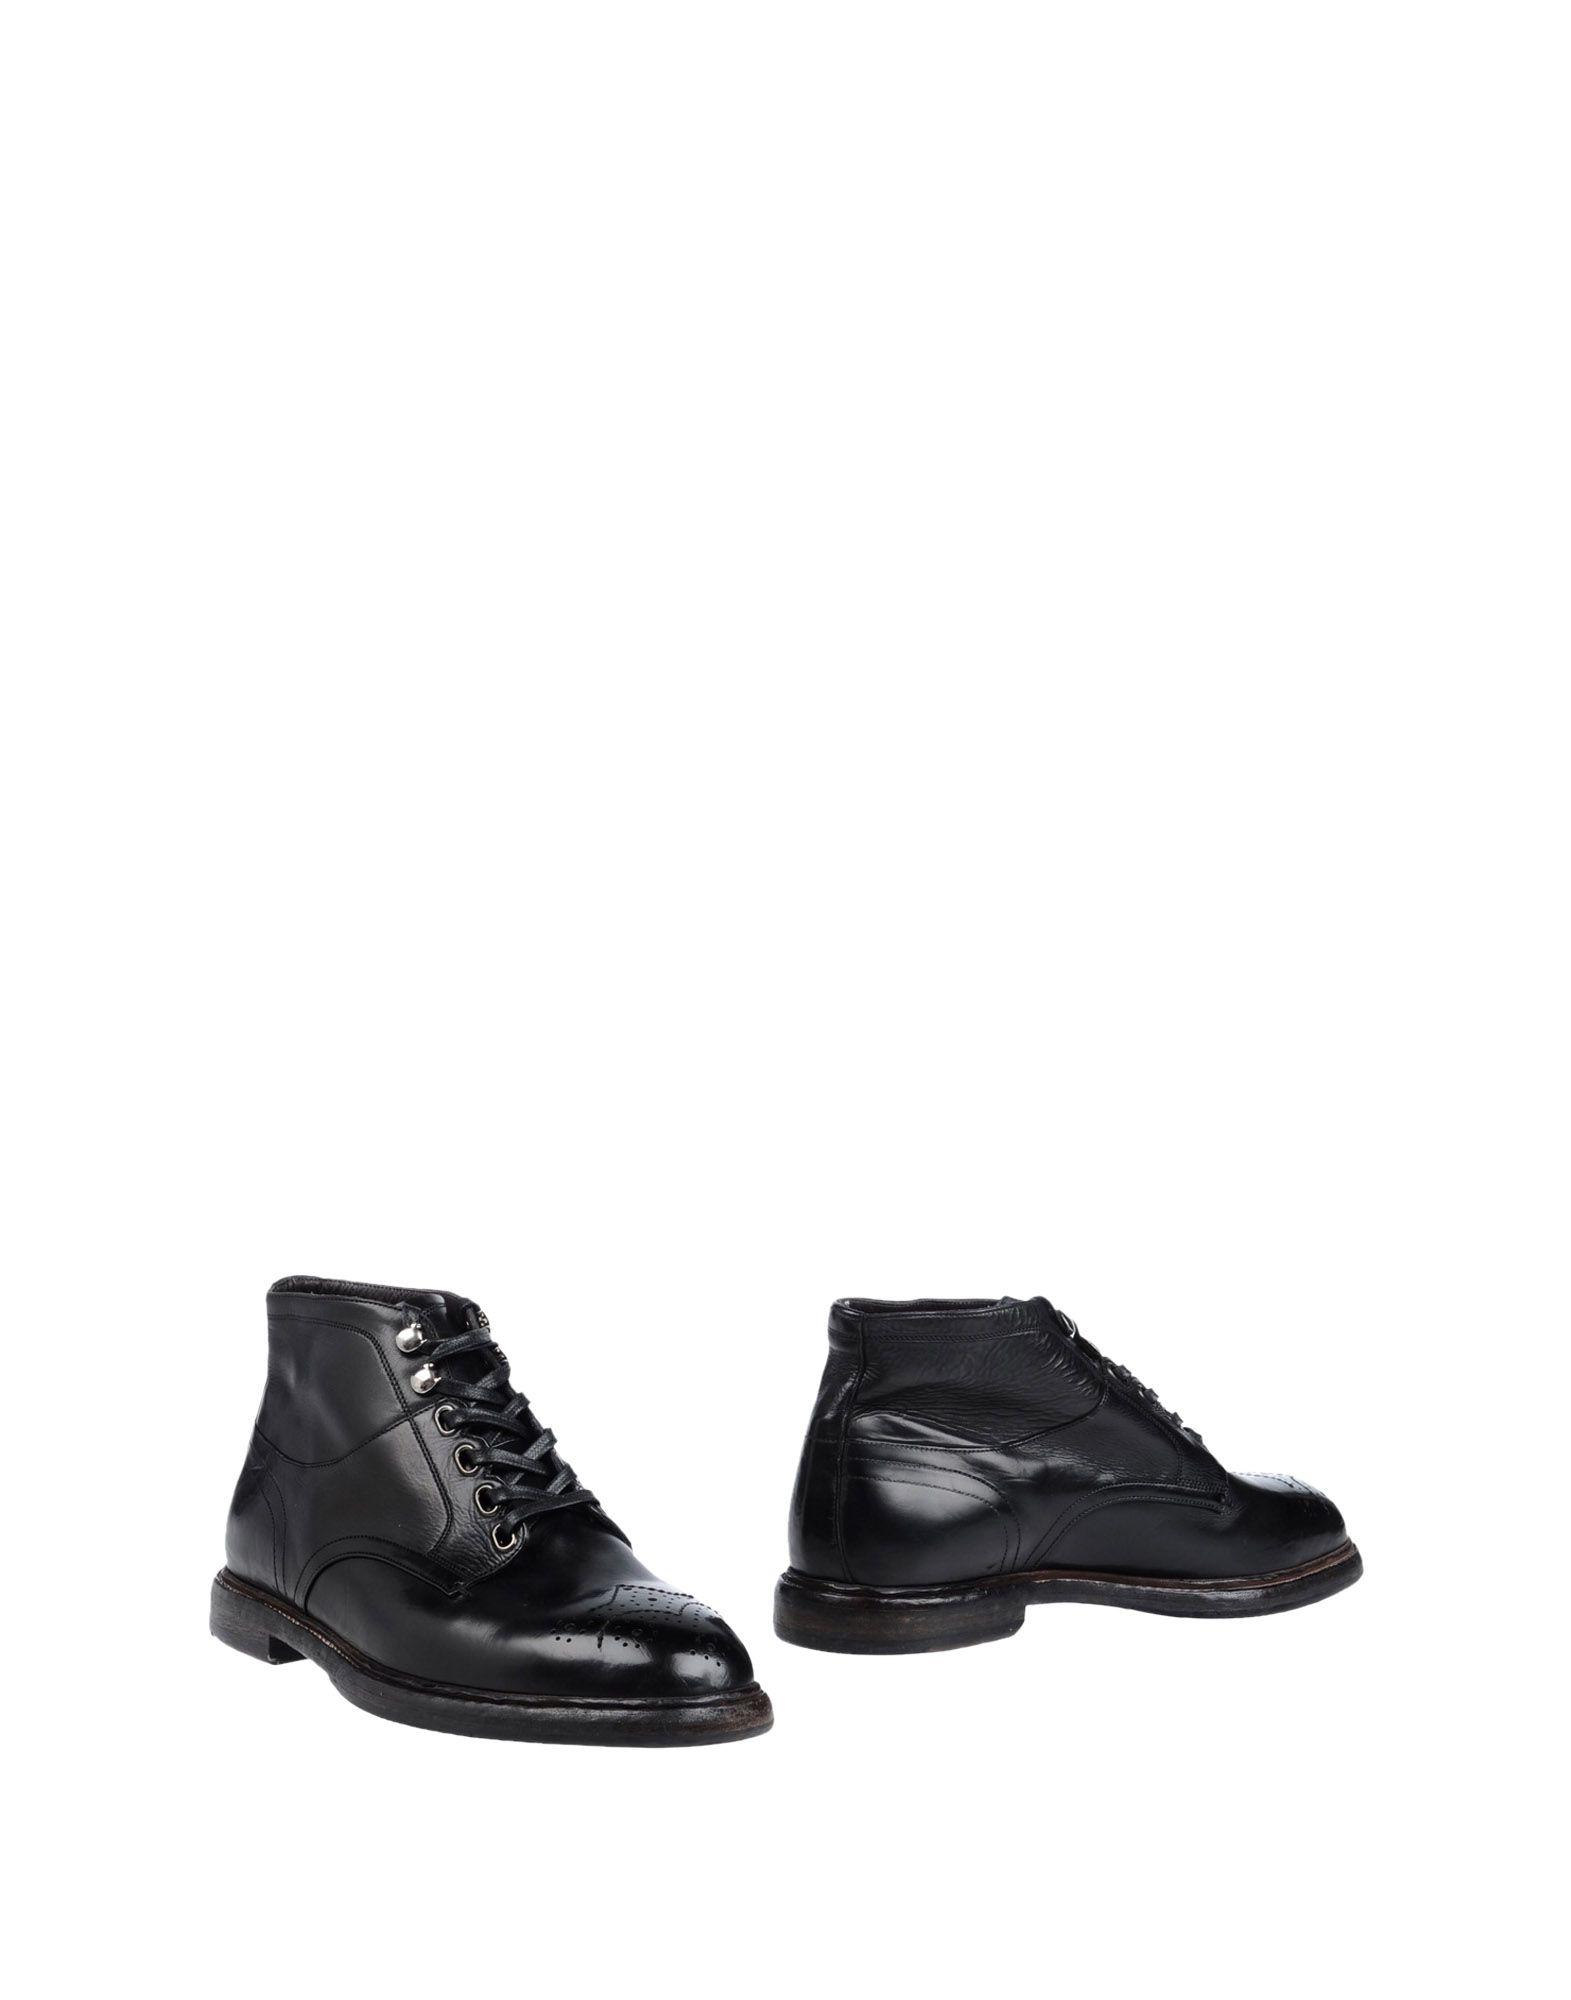 Dolce & Gabbana Stiefelette Herren  11242734WL Neue Schuhe